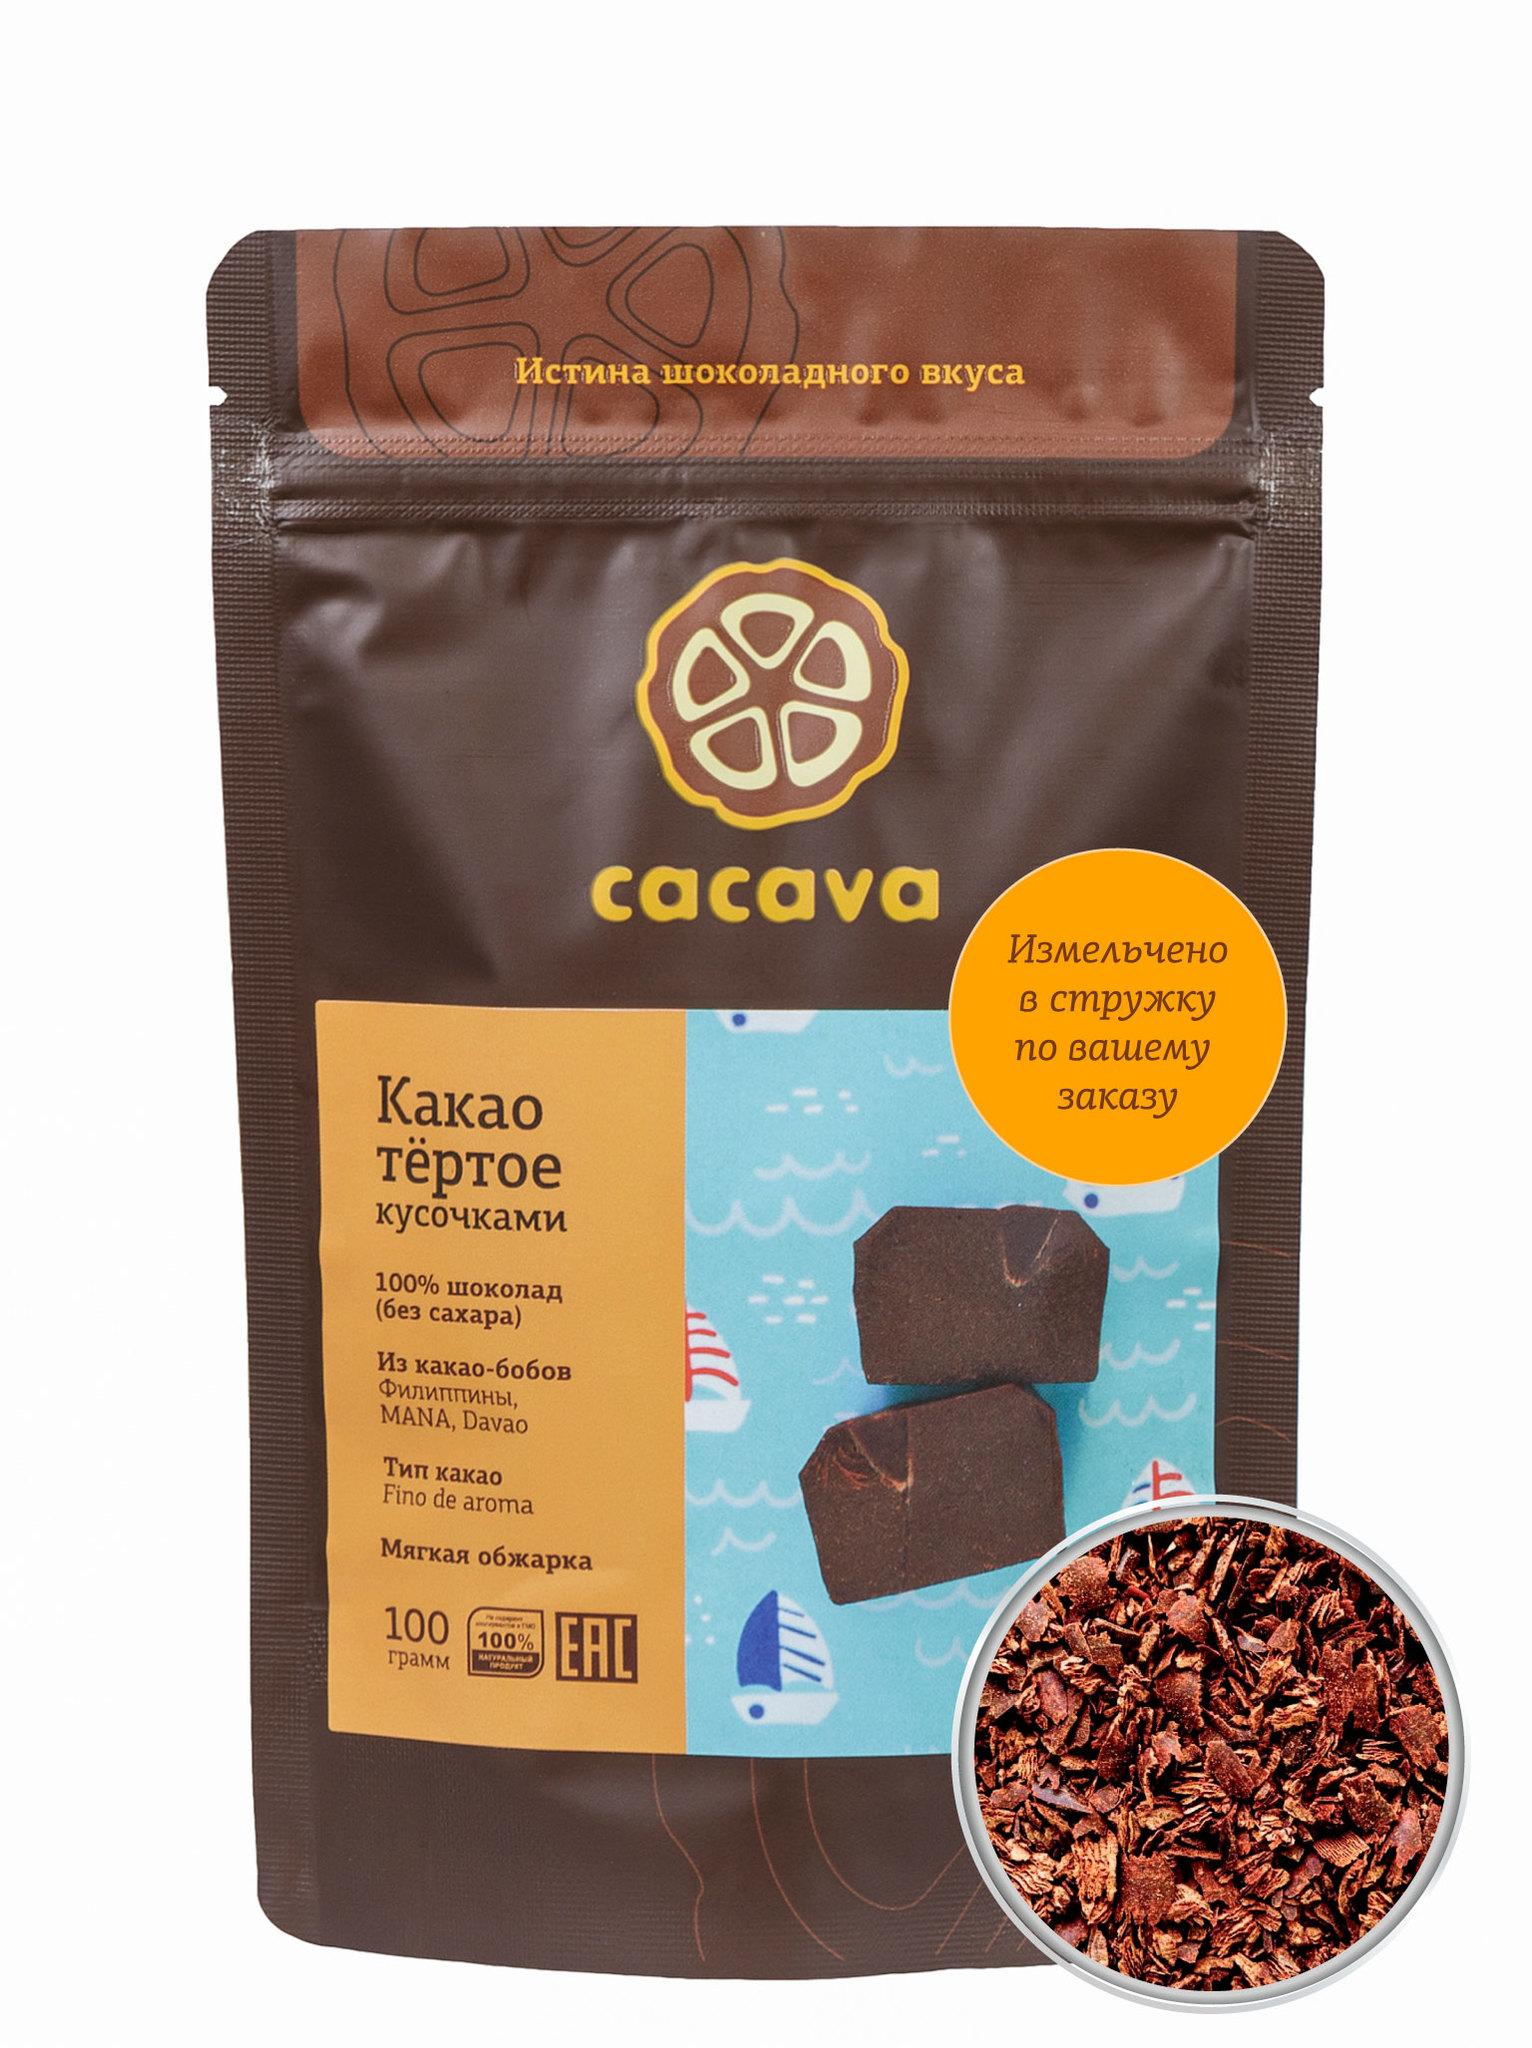 Какао тёртое в стружке (Филиппины, MANA, Davao), упаковка 100 грамм